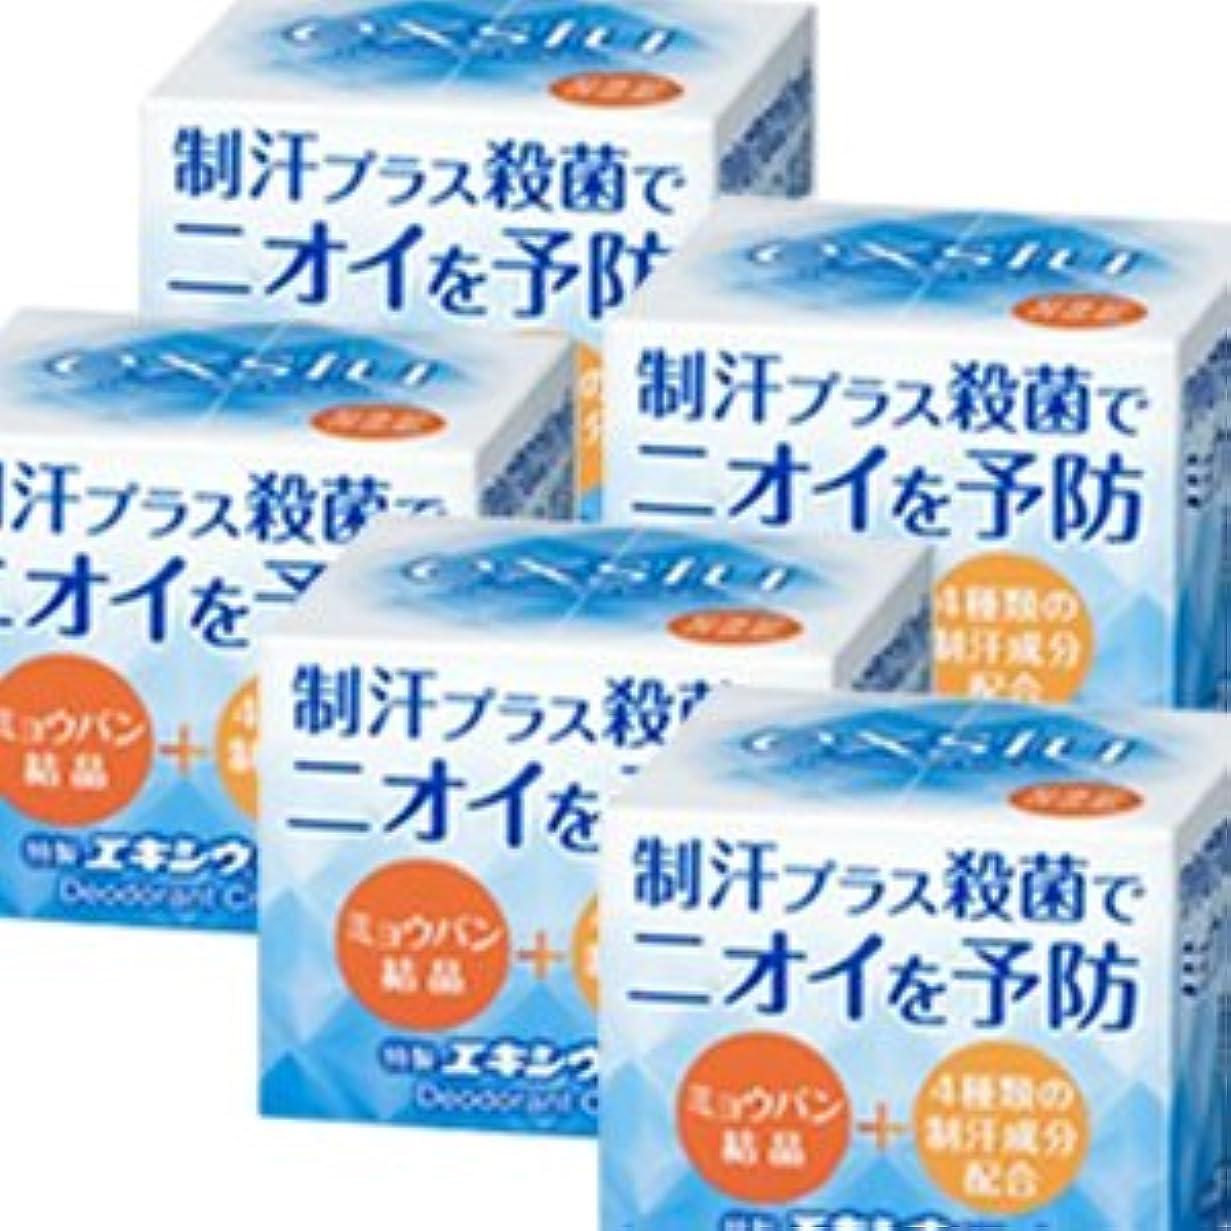 寛解細胞移行【5個】 特製エキシウクリーム 30gx5個 (4987145200228)